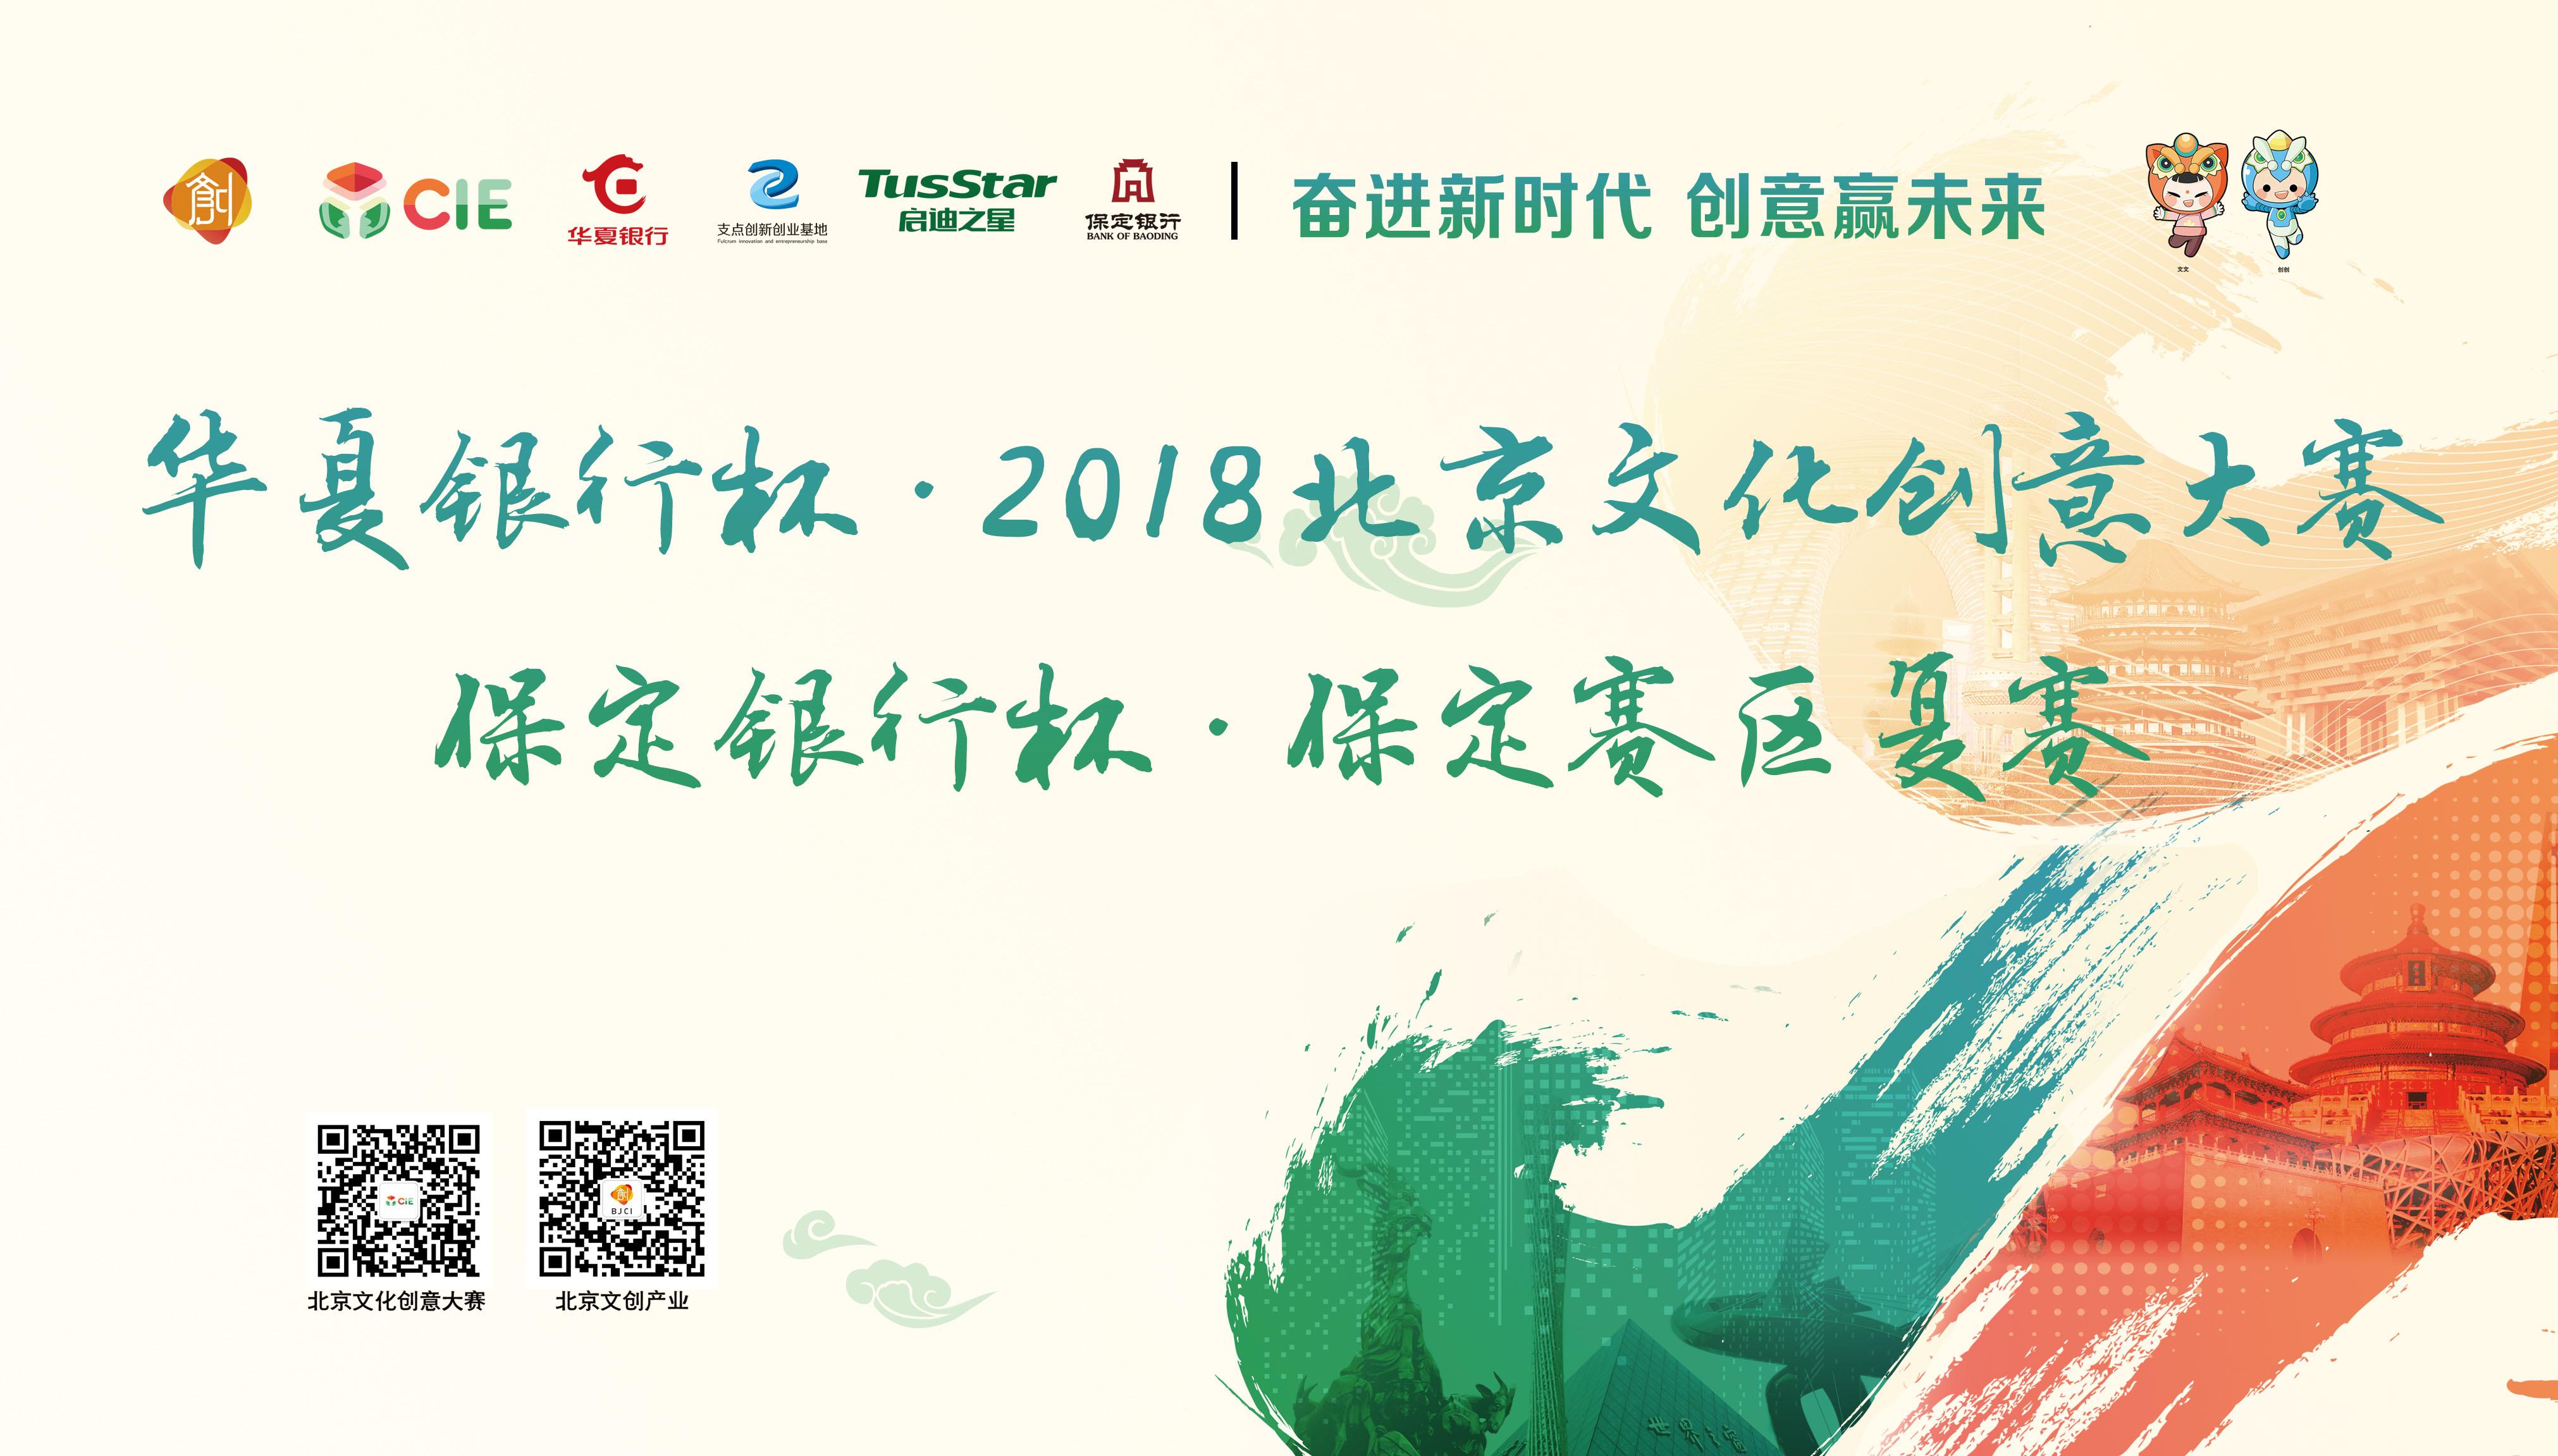 第三届北京文化创意大赛保定赛区复赛